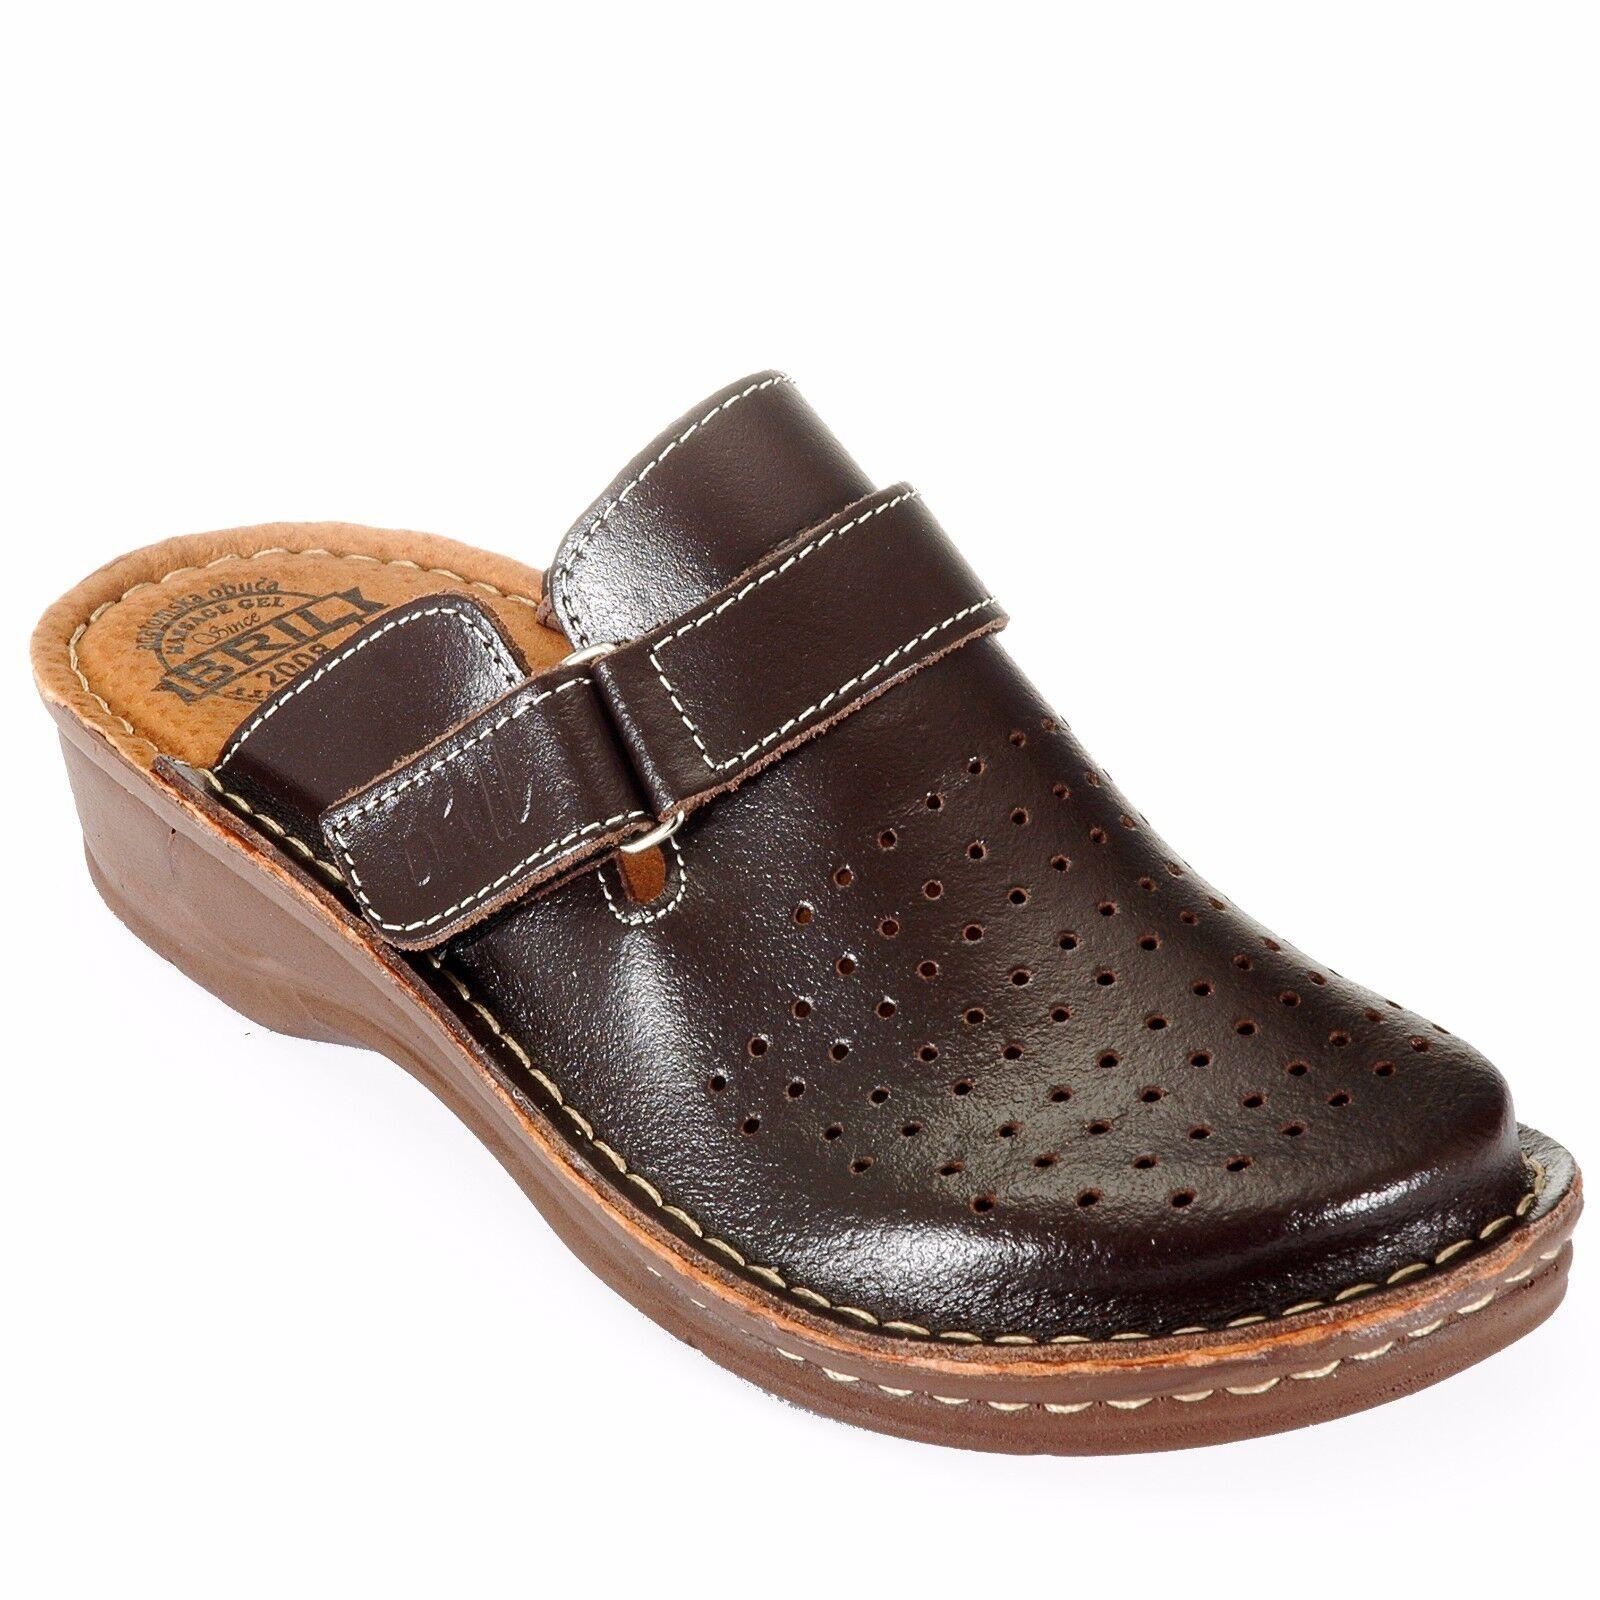 Dr punto rojo Bril Bril Bril D52 de cuero para mujer Slip On Suecos Mulas Zapatillas Zapatos, Marrón  mejor moda